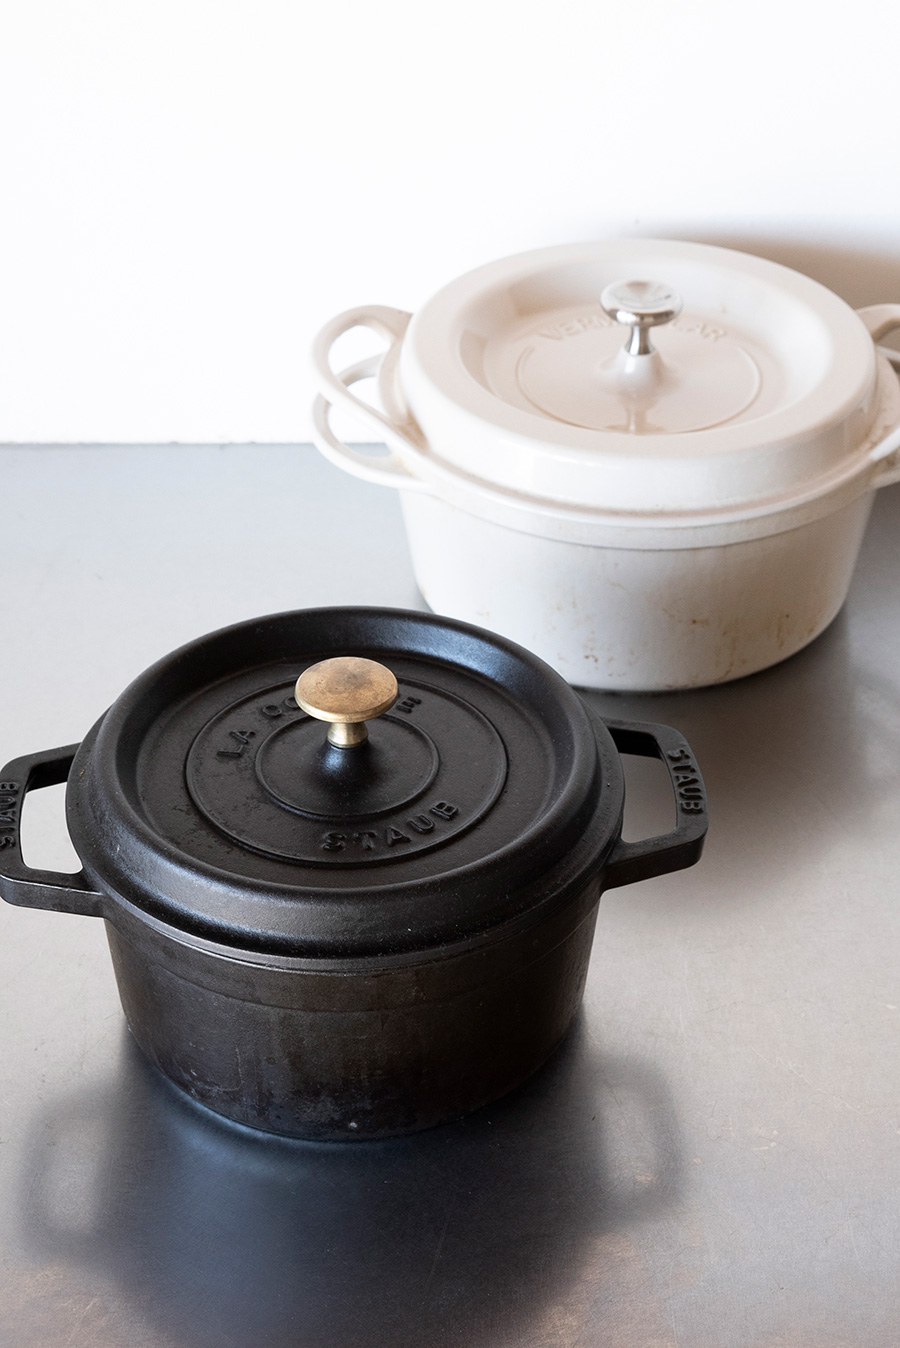 重さがあって蓋がしっかりしまるのが、おいしさの秘訣。お鍋ごとテーブルに出しても、華やかな演出になる。